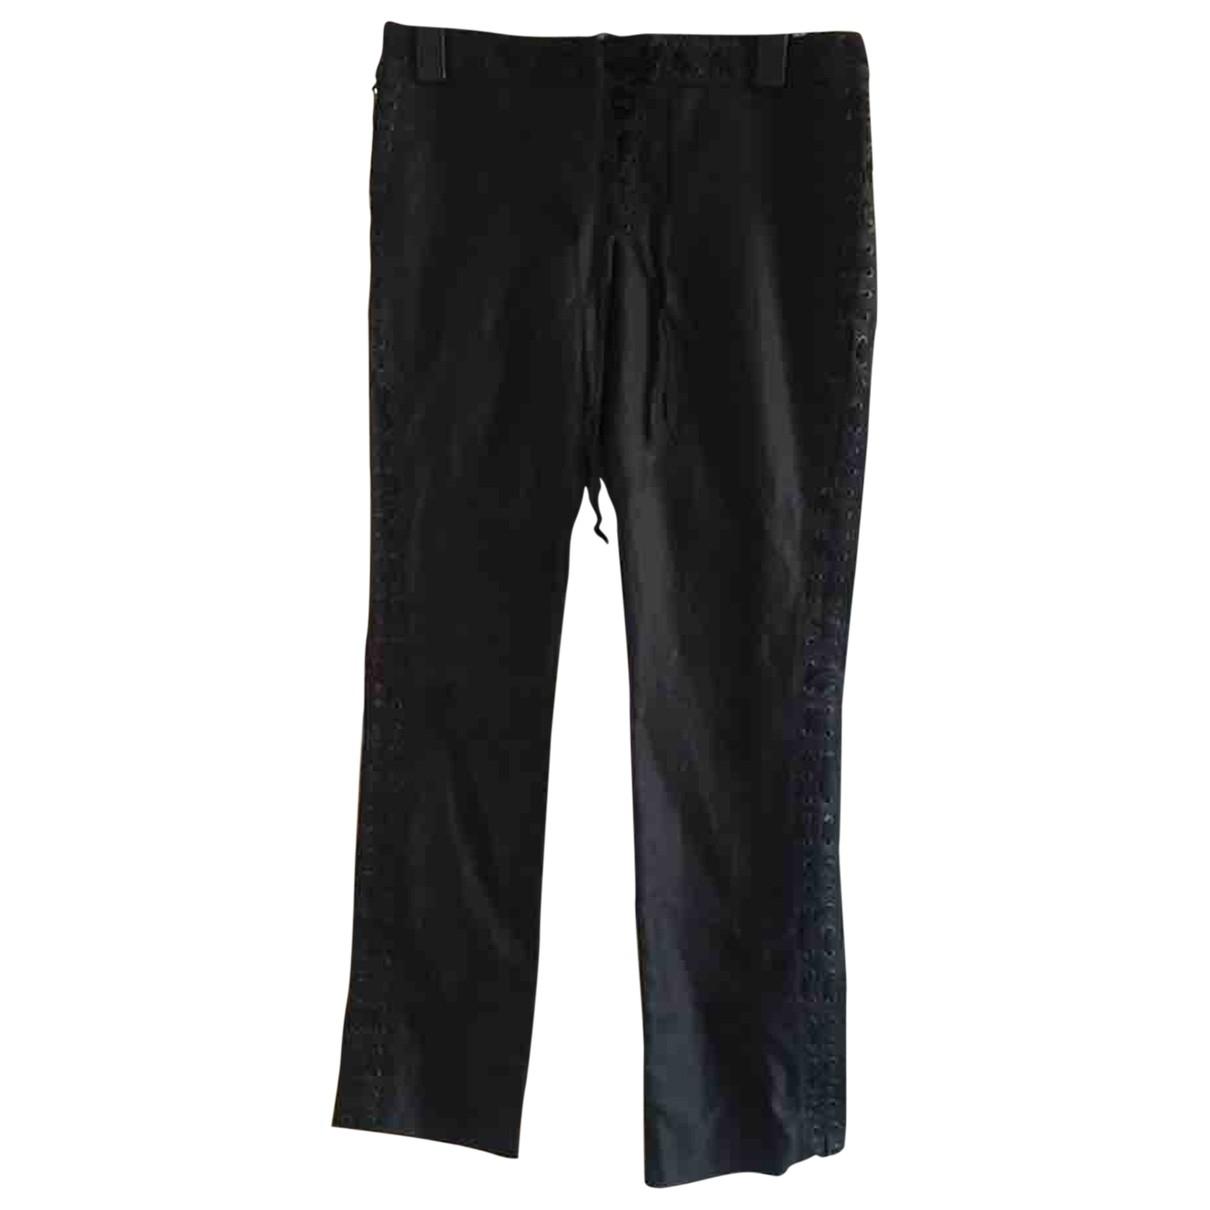 Yves Saint Laurent \N Black Denim - Jeans Jeans for Women 42 FR